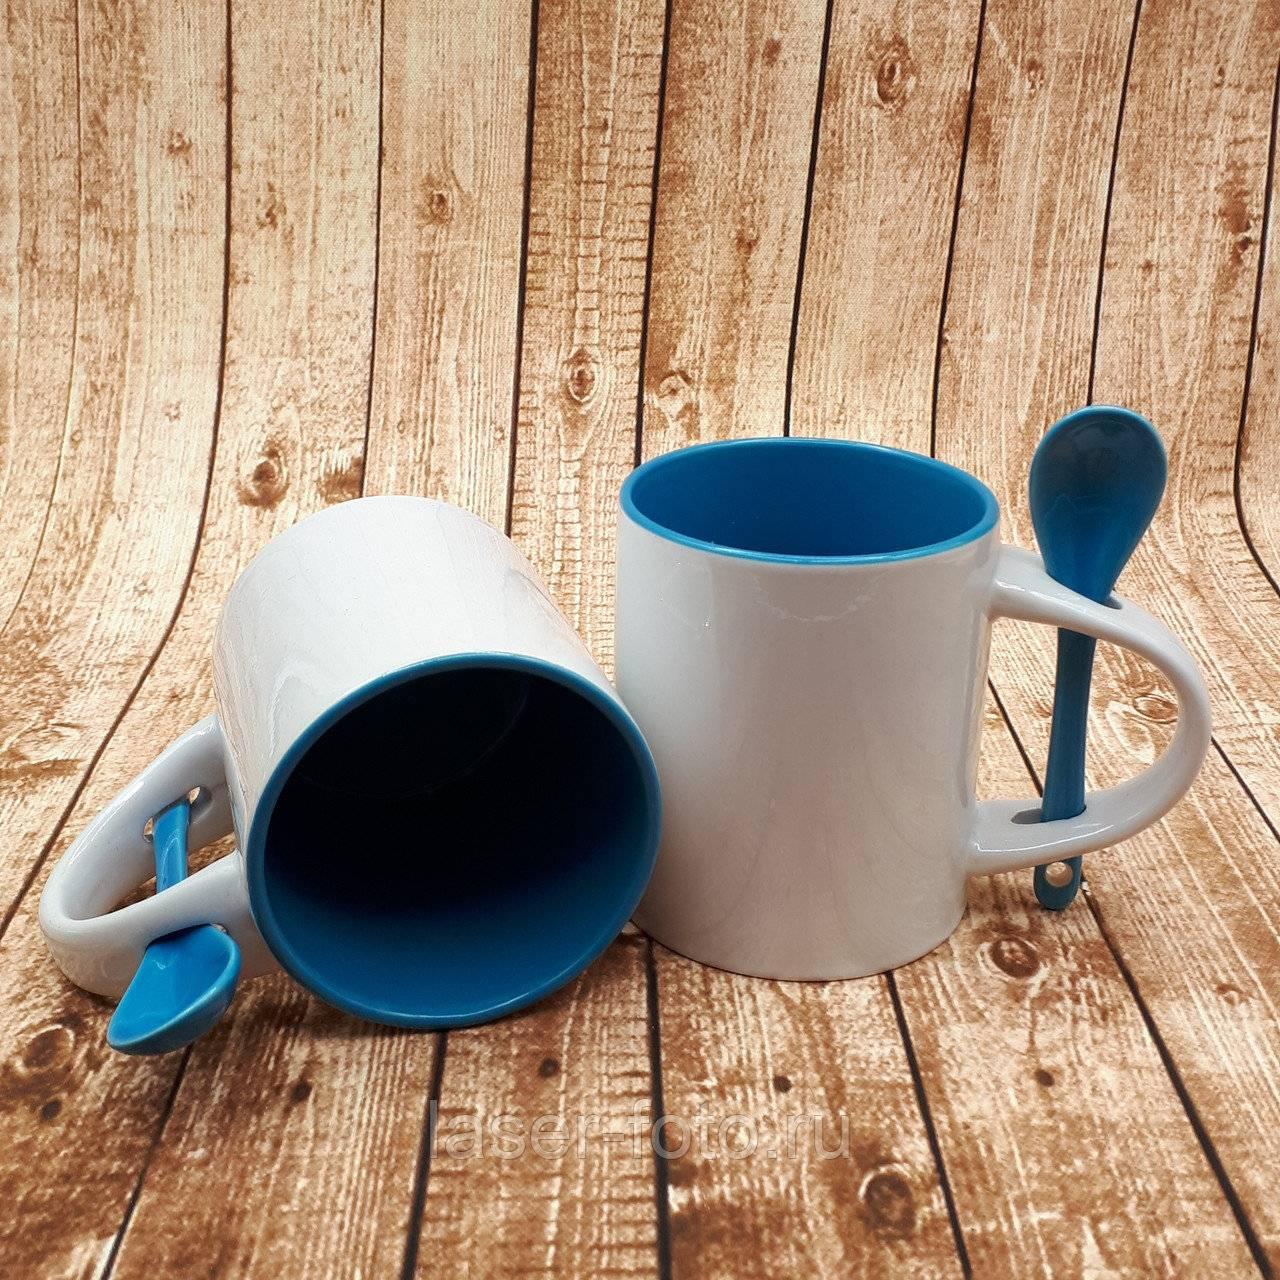 Разновидности заварочных кружек и чашек